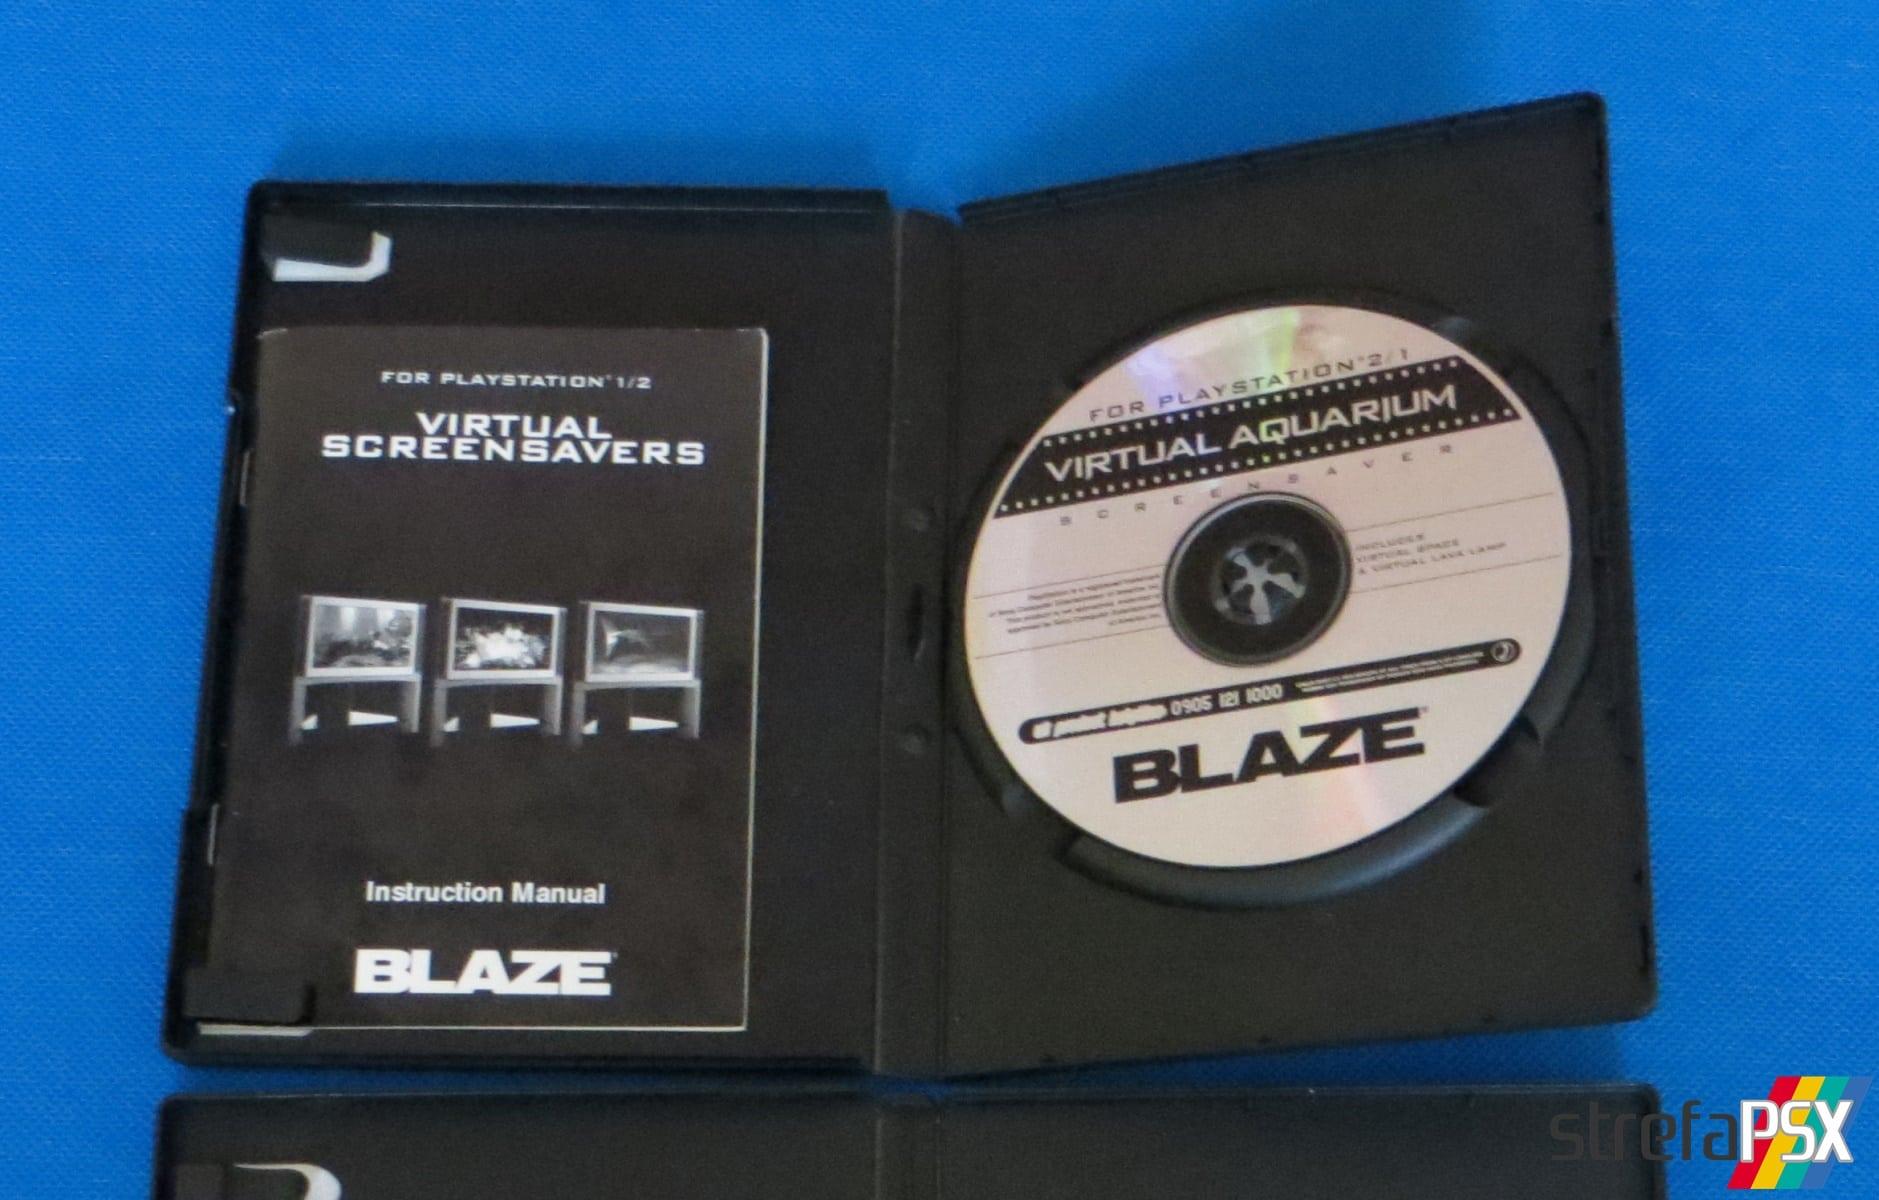 nieoficjalne gry psx 4 - Nieoficjalne oprogramowanie na PlayStation